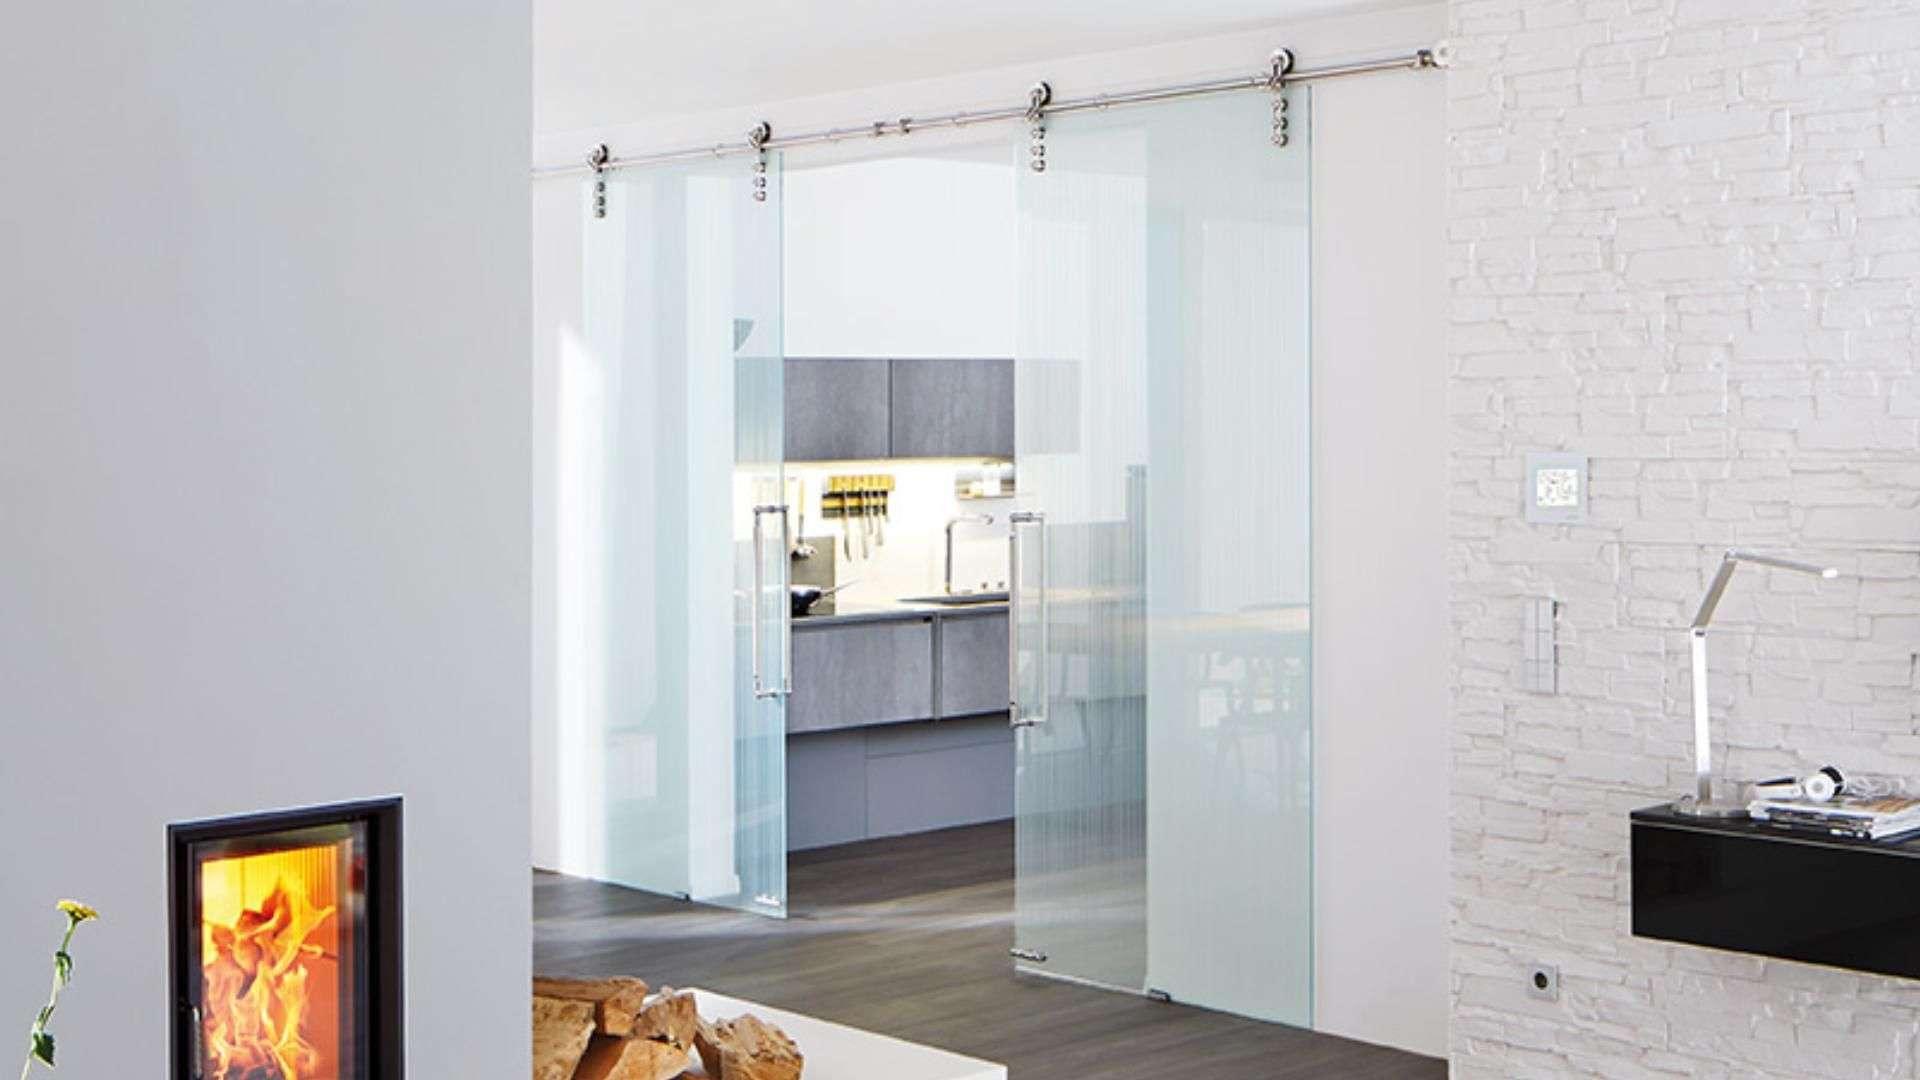 Schiebetür aus Glas zu einer Küche